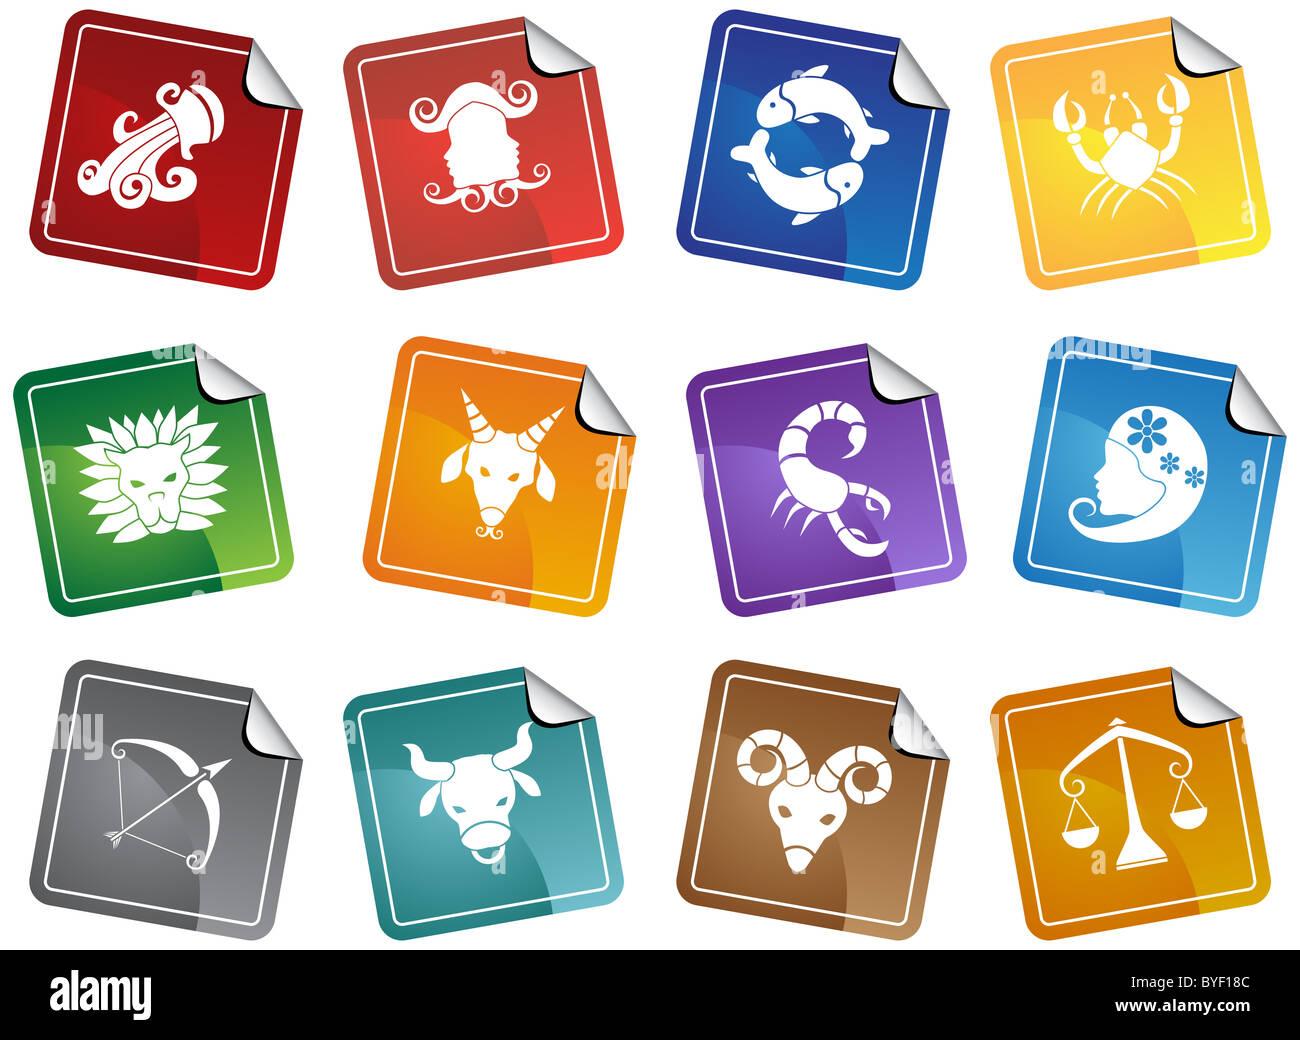 Una imagen de 12 símbolos del zodíaco. Imagen De Stock